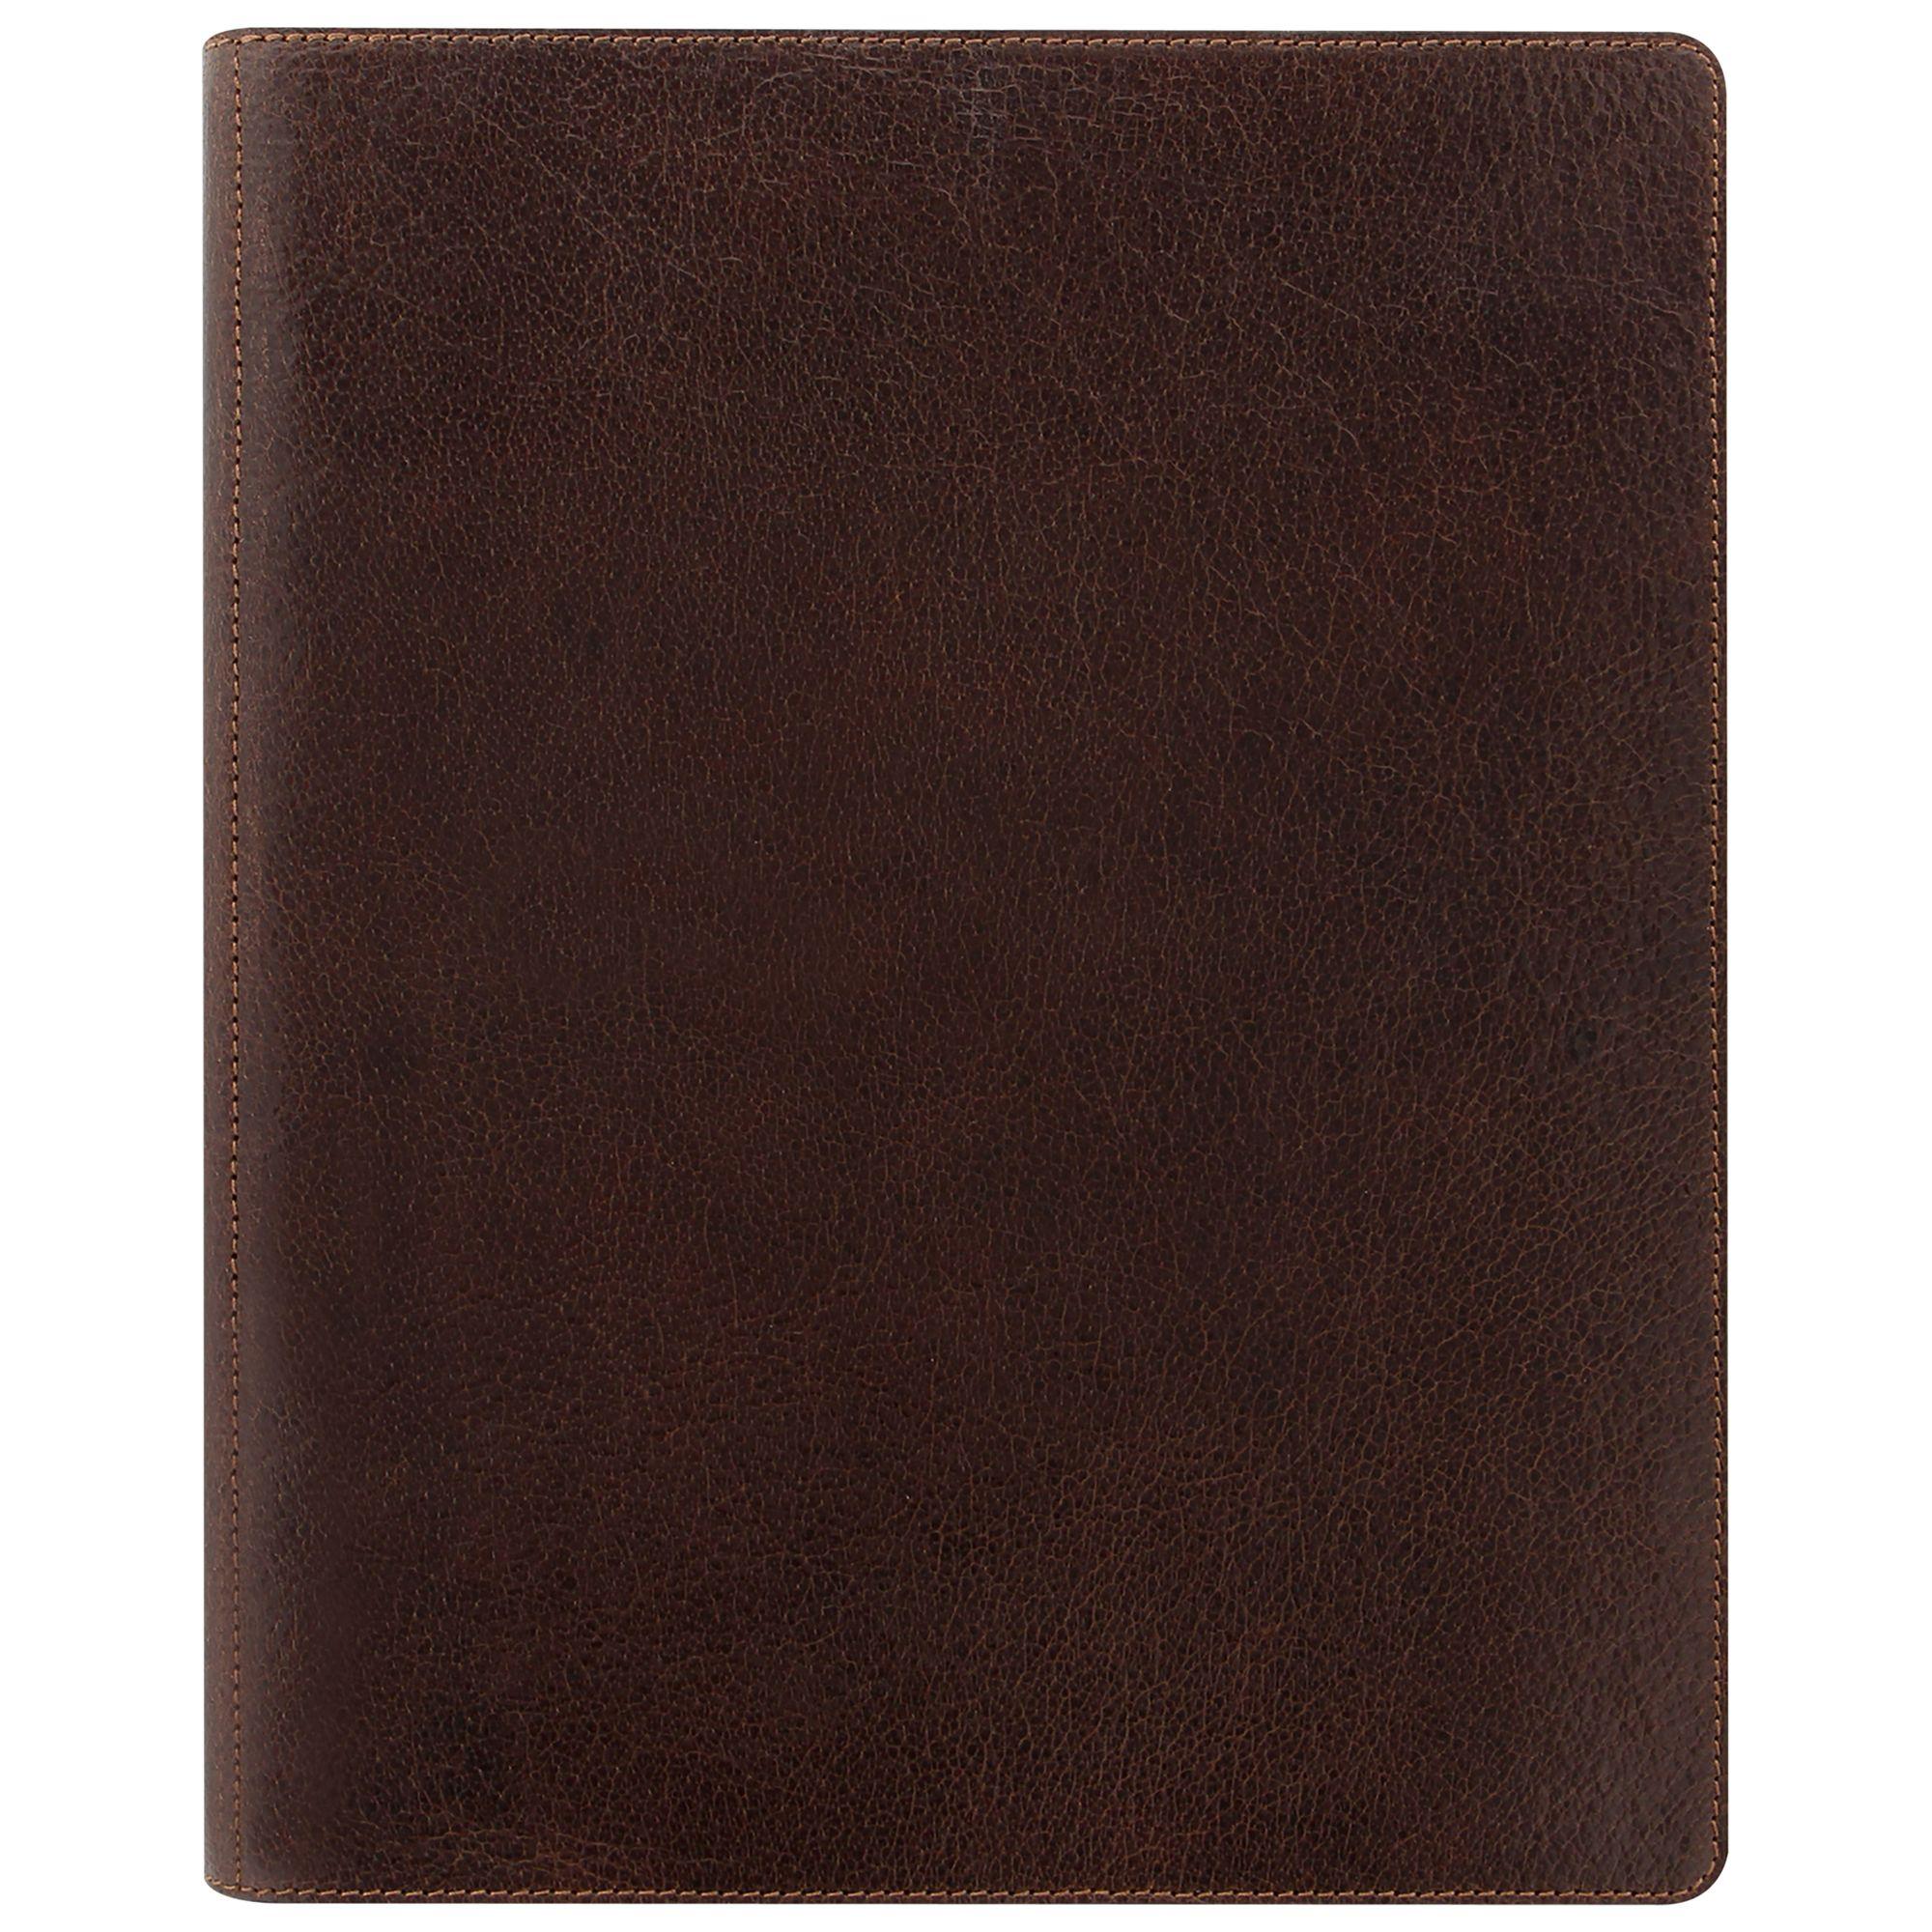 Filofax Filofax Heritage A5 Compact Organiser, Brown